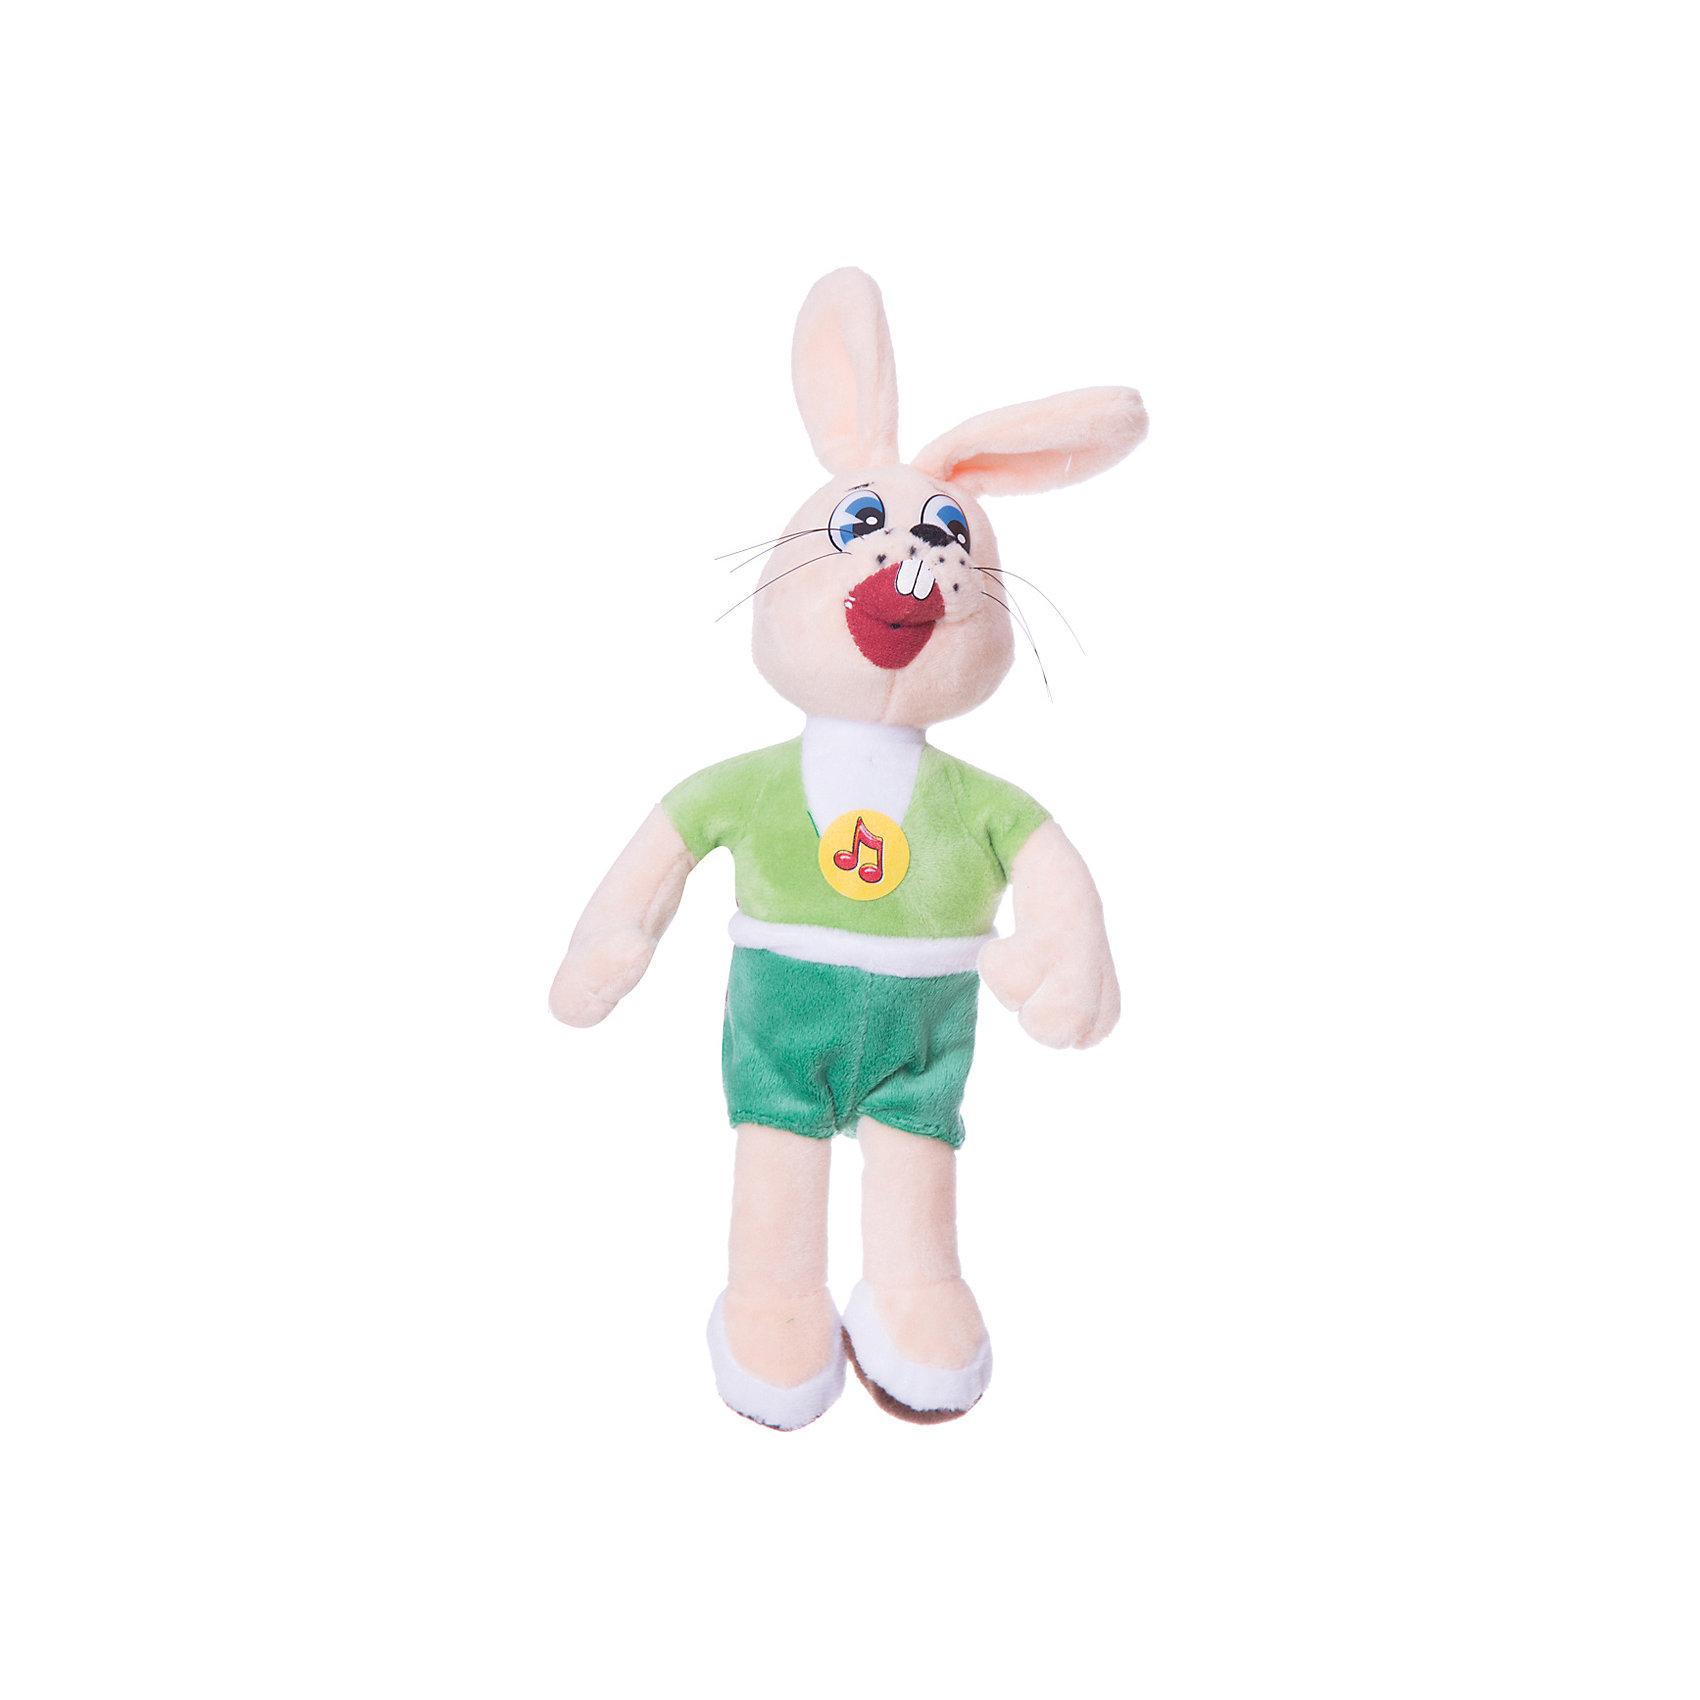 Заяц, 25 см, со звуком, Ну, погоди!, МУЛЬТИ-ПУЛЬТИОзвученные мягкие игрушки<br>Мягкая игрушка Заяц со звуком от марки МУЛЬТИ-ПУЛЬТИ<br><br>Интерактивная мягкая игрушка от отечественного производителя сделана в виде известного персонажа из мультфильма Ну, погоди!. Она поможет ребенку проводить время весело и с пользой. В игрушке есть встроенный звуковой модуль, который позволяет ей говорить 8 разных фраз и играть мелодию из мультфильма.<br>Размер игрушки очень удобный - 25 сантиметров, её удобно брать с собой в поездки и на прогулку. Сделан заяц из качественных и безопасных для ребенка материалов, которые еще и приятны на ощупь. <br><br>Отличительные особенности игрушки:<br><br>- материал: текстиль, пластик;<br>- звуковой модуль;<br>- язык: русский;<br>- произносит 8 фраз;<br>- работает на батарейках;<br>- высота: 25 см.<br><br>Мягкую игрушку Заяц от марки МУЛЬТИ-ПУЛЬТИ можно купить в нашем магазине.<br><br>Ширина мм: 22<br>Глубина мм: 30<br>Высота мм: 22<br>Вес г: 290<br>Возраст от месяцев: 36<br>Возраст до месяцев: 1188<br>Пол: Унисекс<br>Возраст: Детский<br>SKU: 2240375